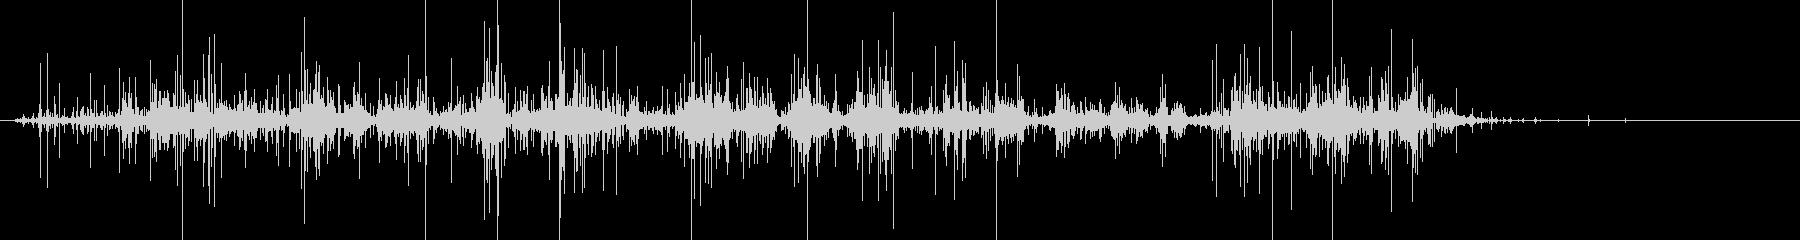 くしゅくしゅ…ナイロンをまるめる音の未再生の波形